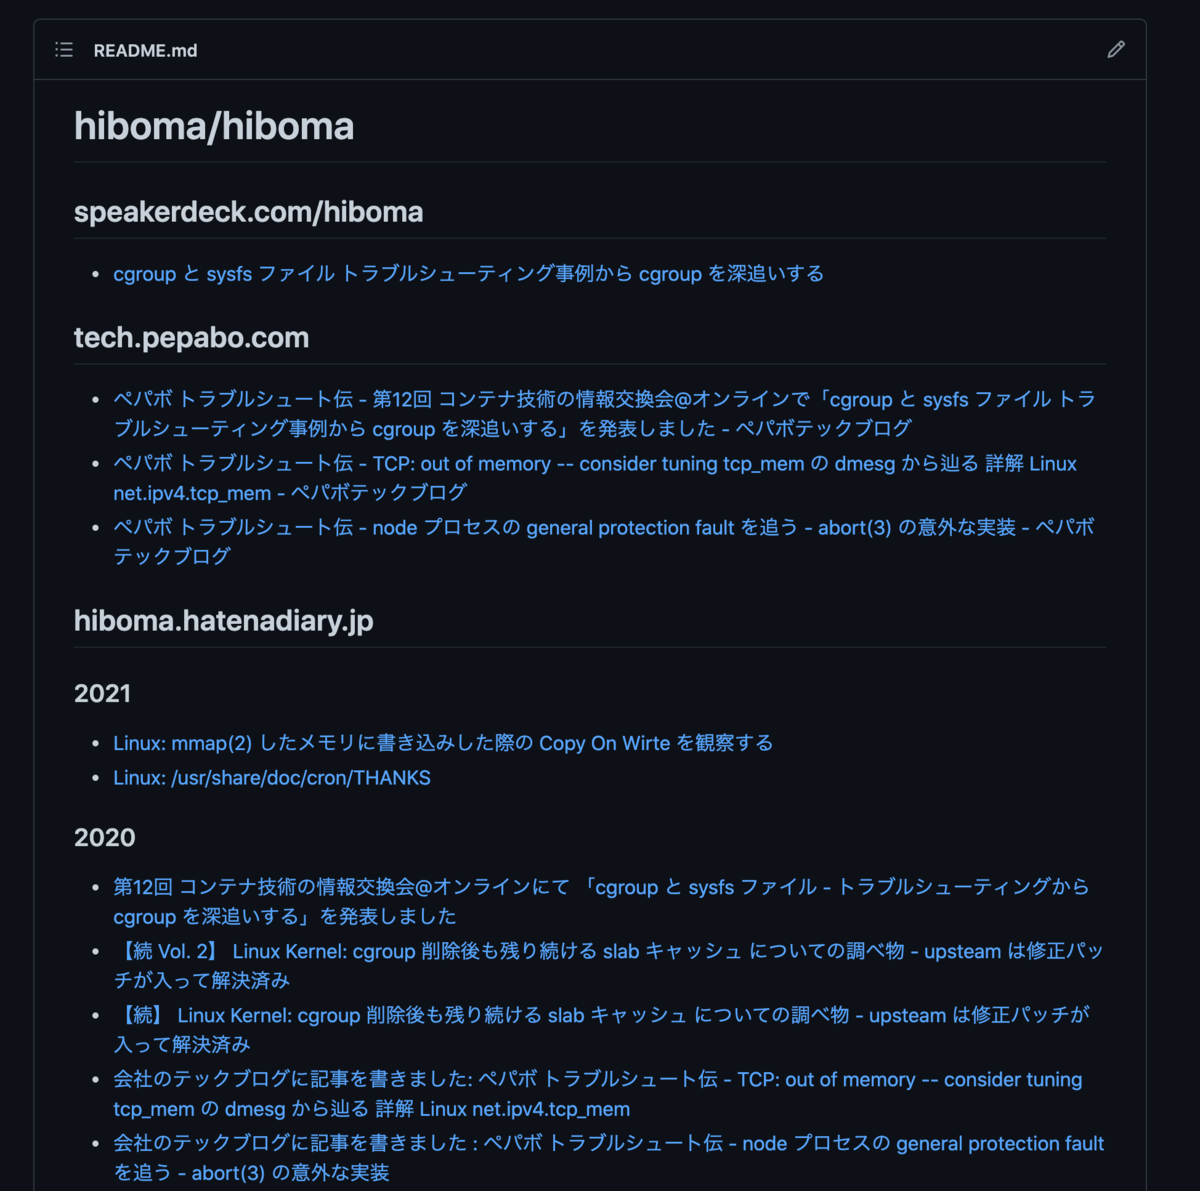 f:id:hiboma:20210928231320p:plain